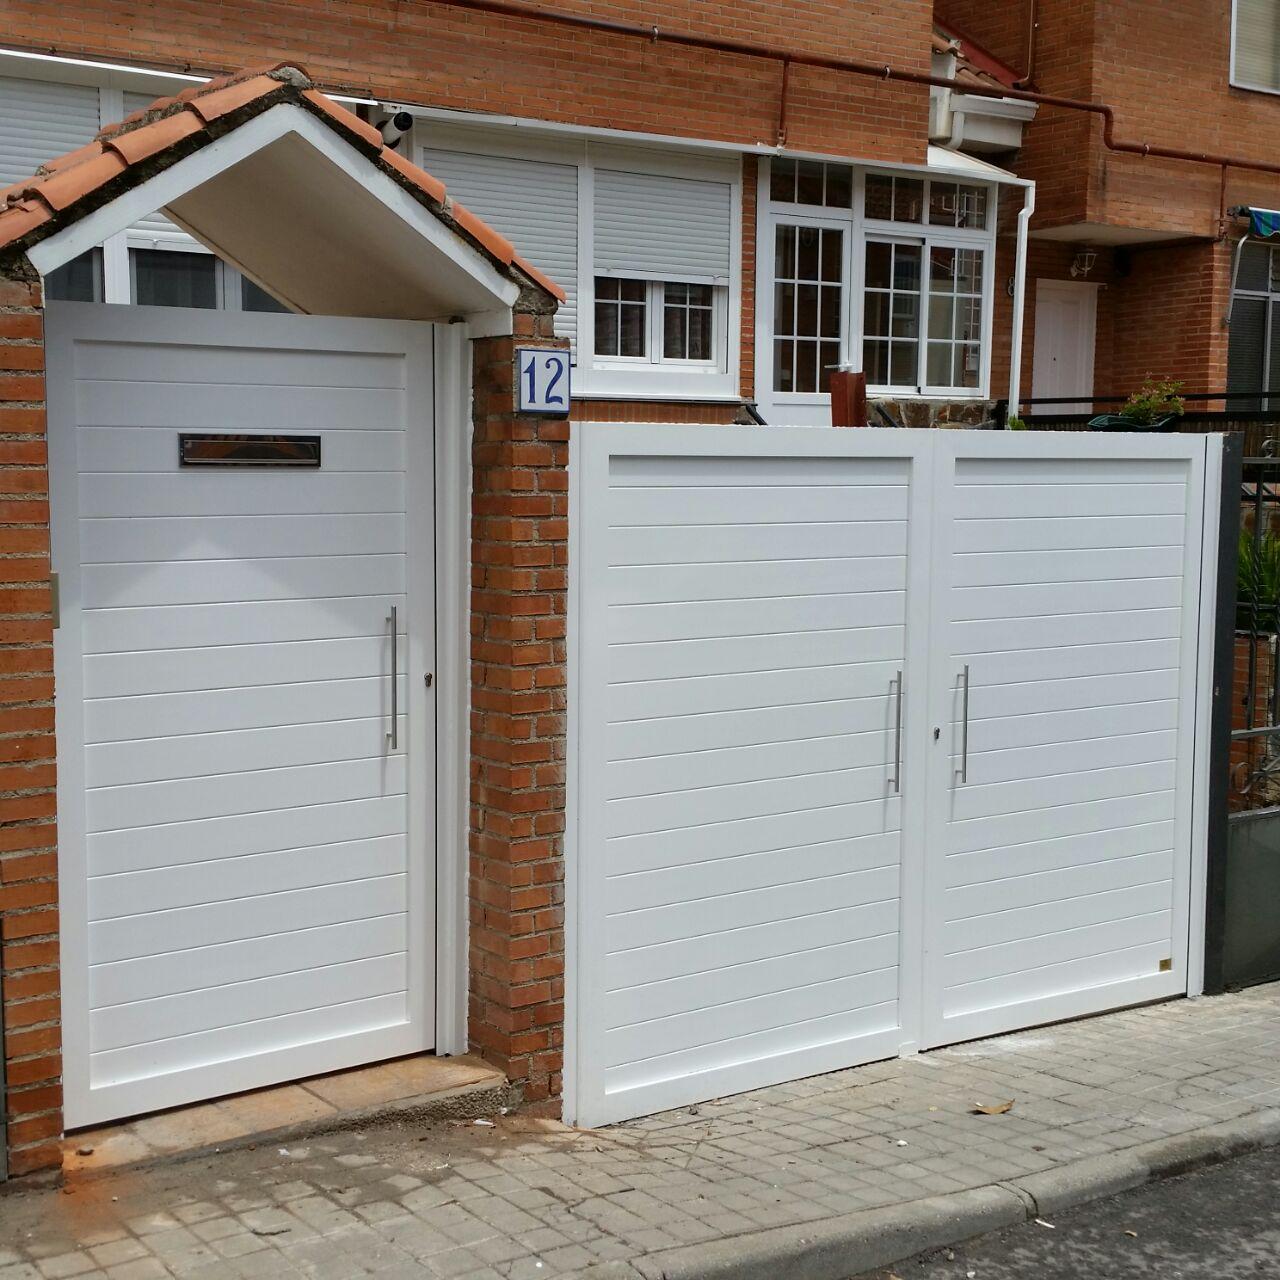 Puertas de aluminio soldadas modelo batres grupo marver - Puertas para porches ...